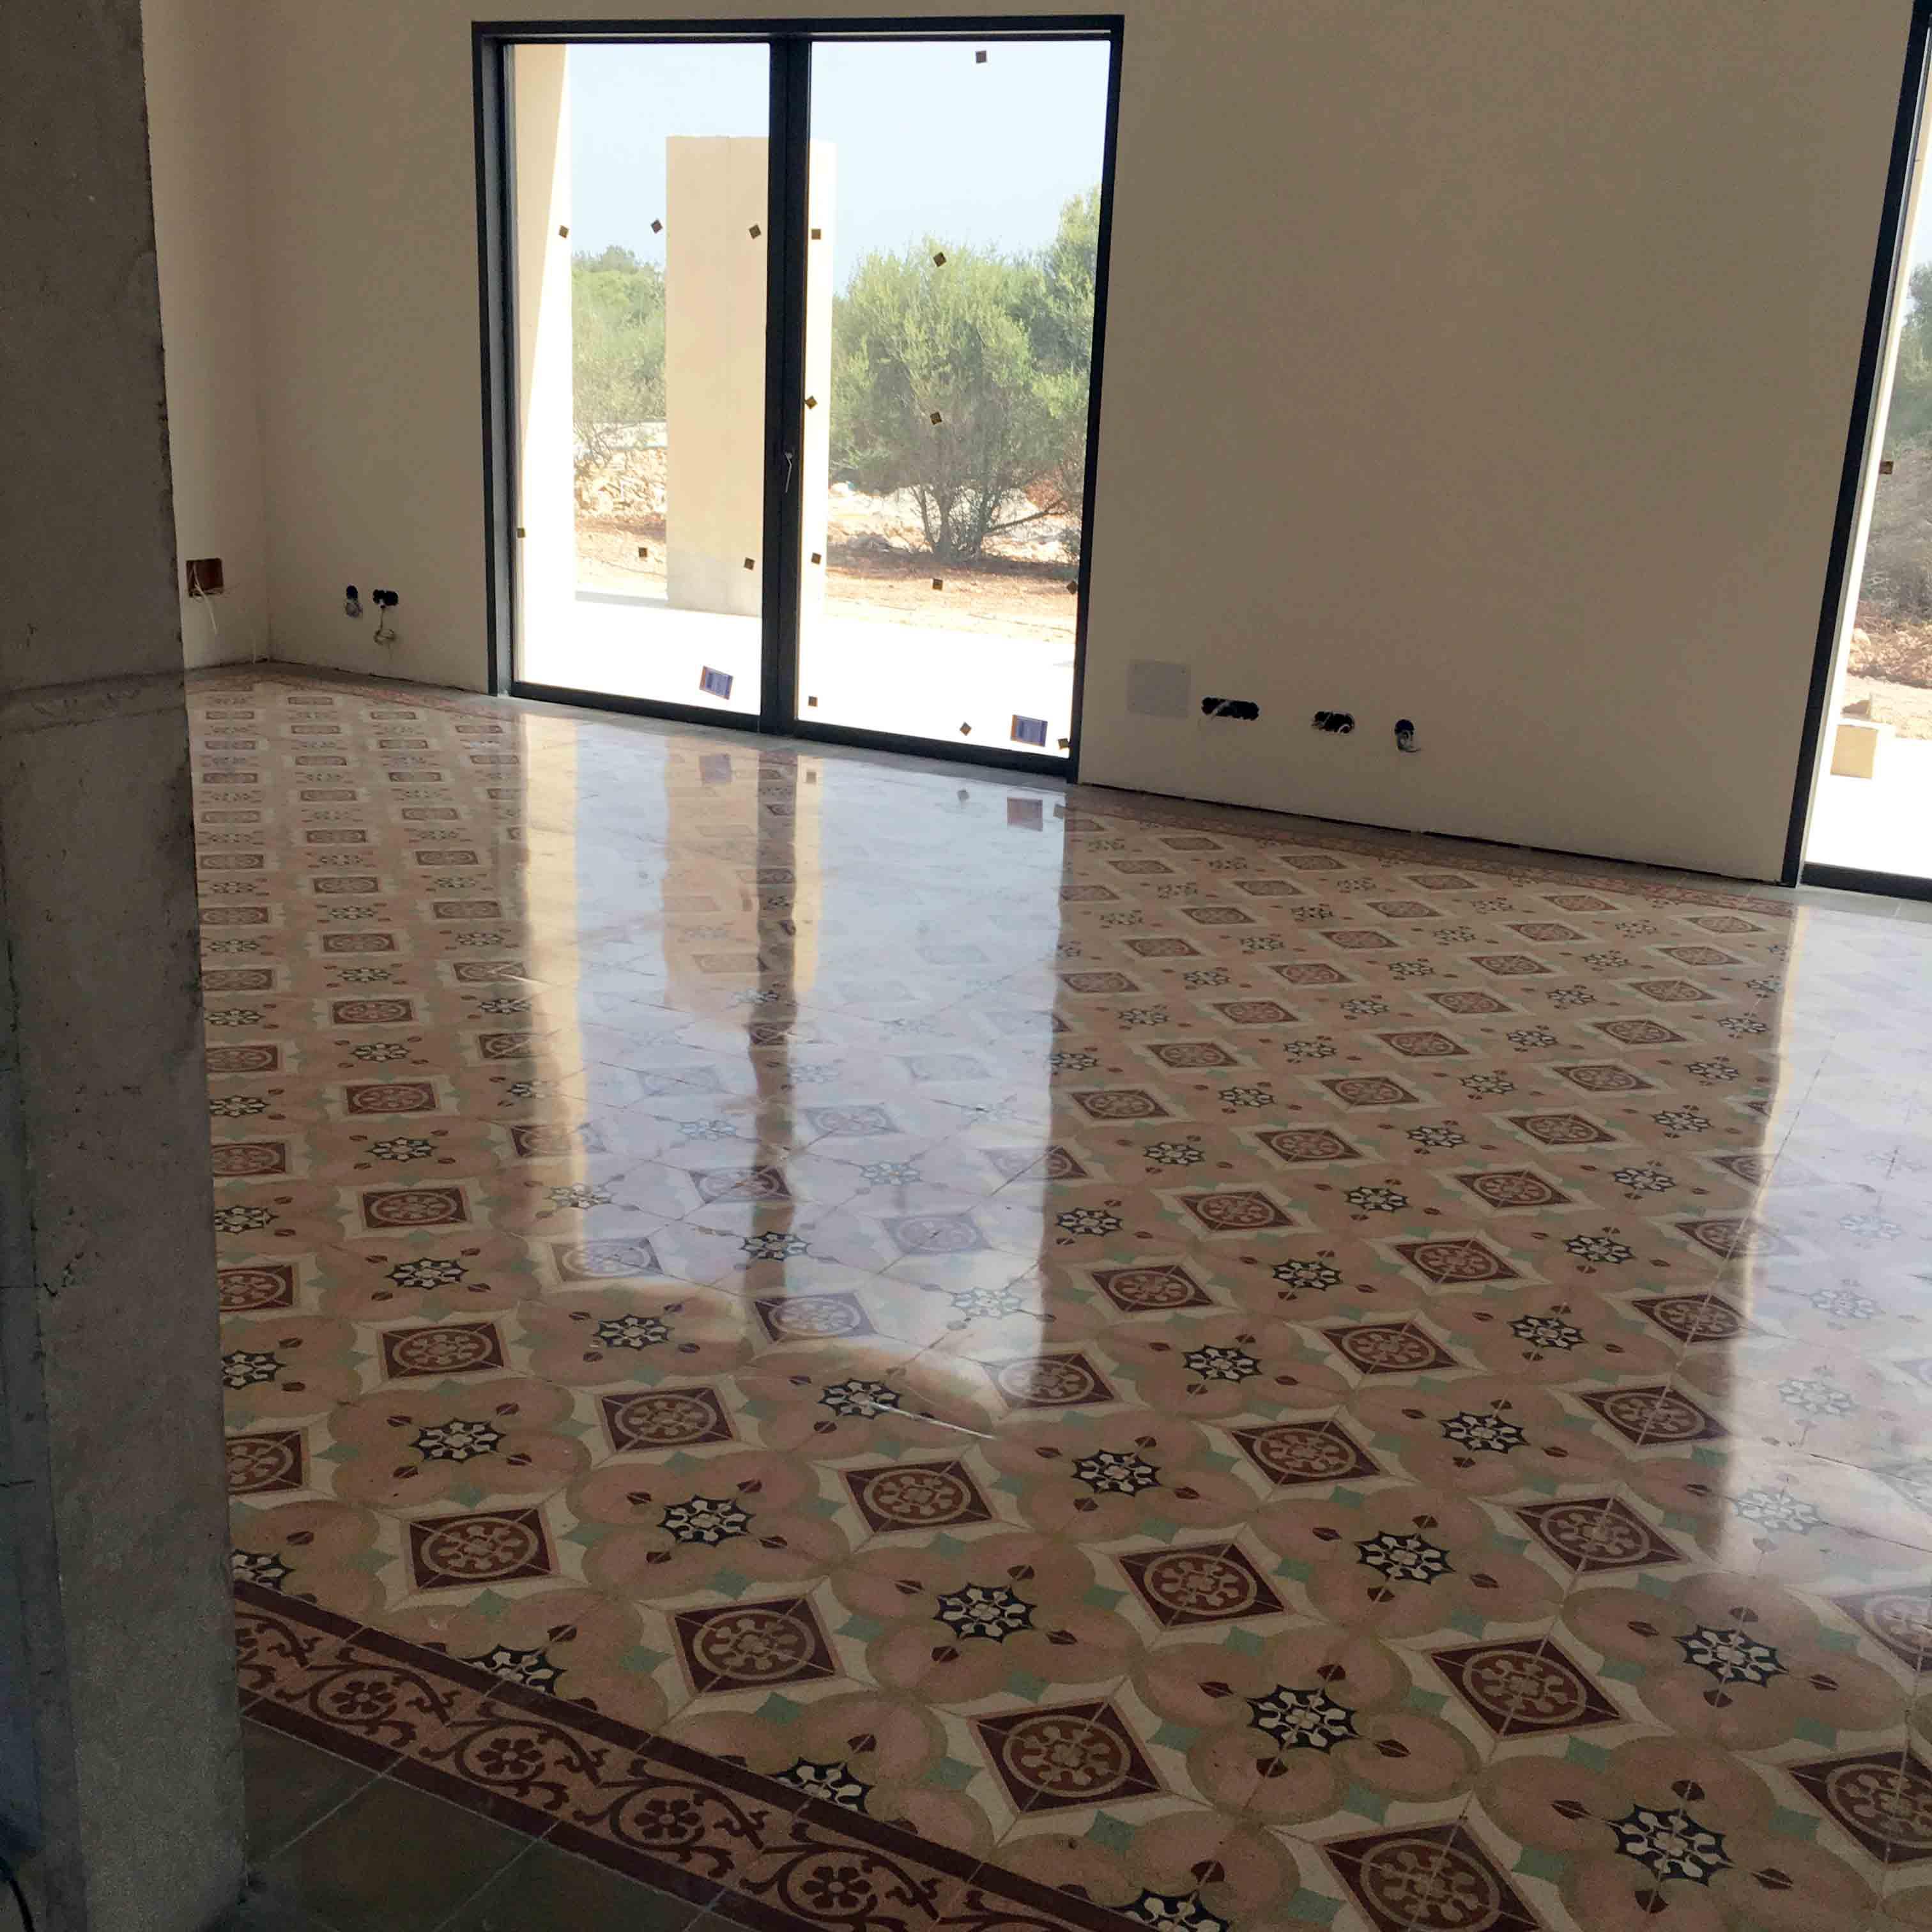 MosaicosBarcelona-Recuperacción-abrillantado-y-acristalado-de-suelos-de-mosaico-hidraulico-en-vivienda-en-Mallorca-Baleares-20